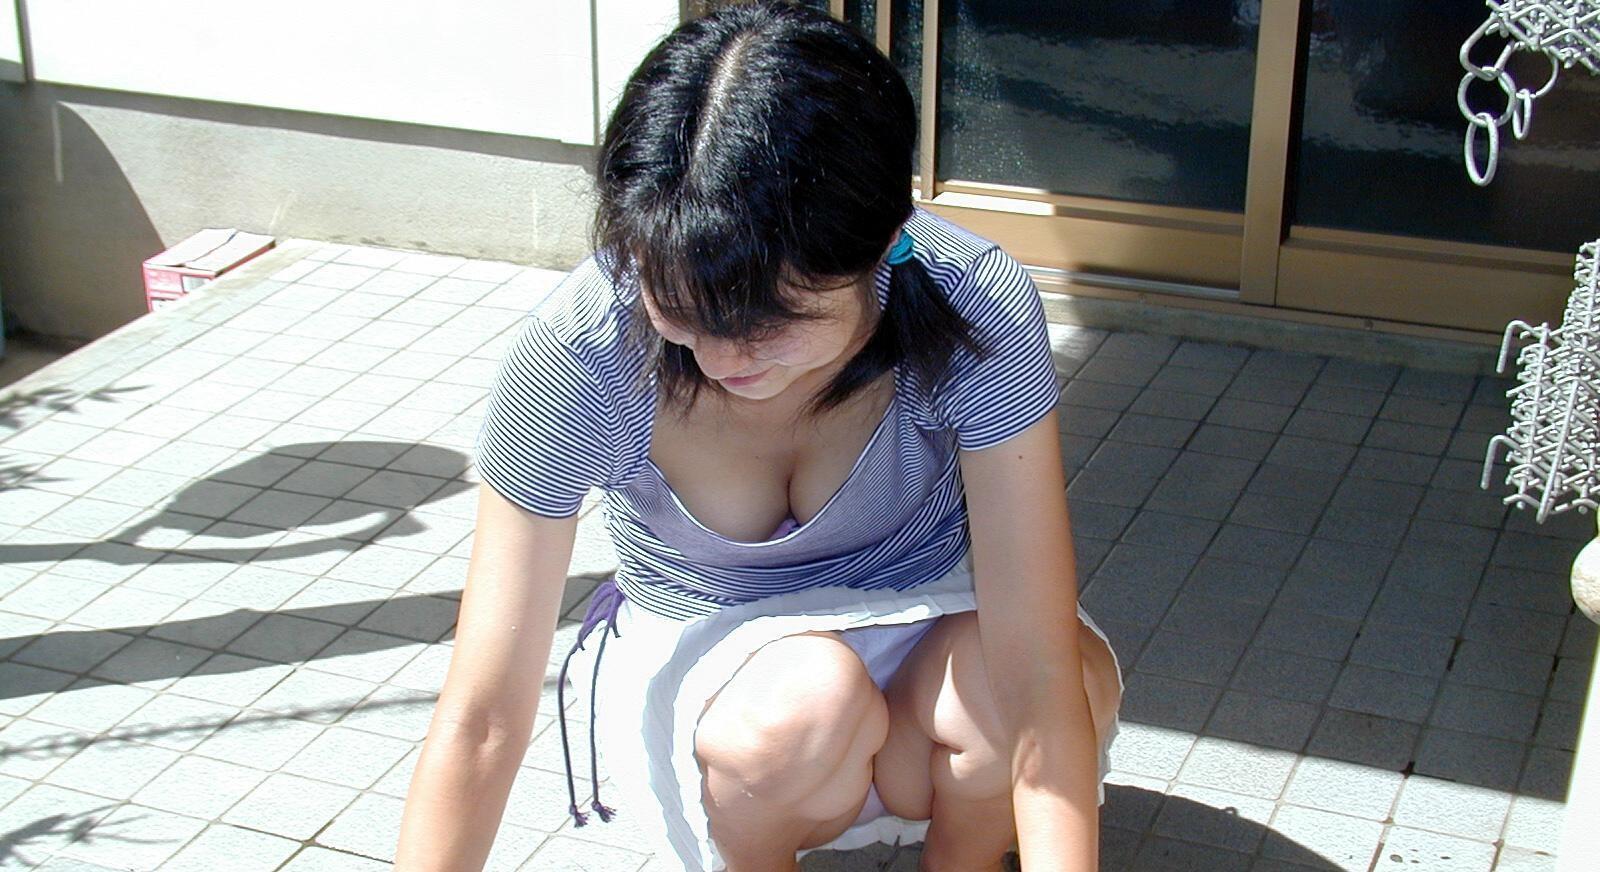 【谷間エロ画像】巨乳好きなら一撃KO!いっそ埋めて欲しい豊乳の谷間www 26